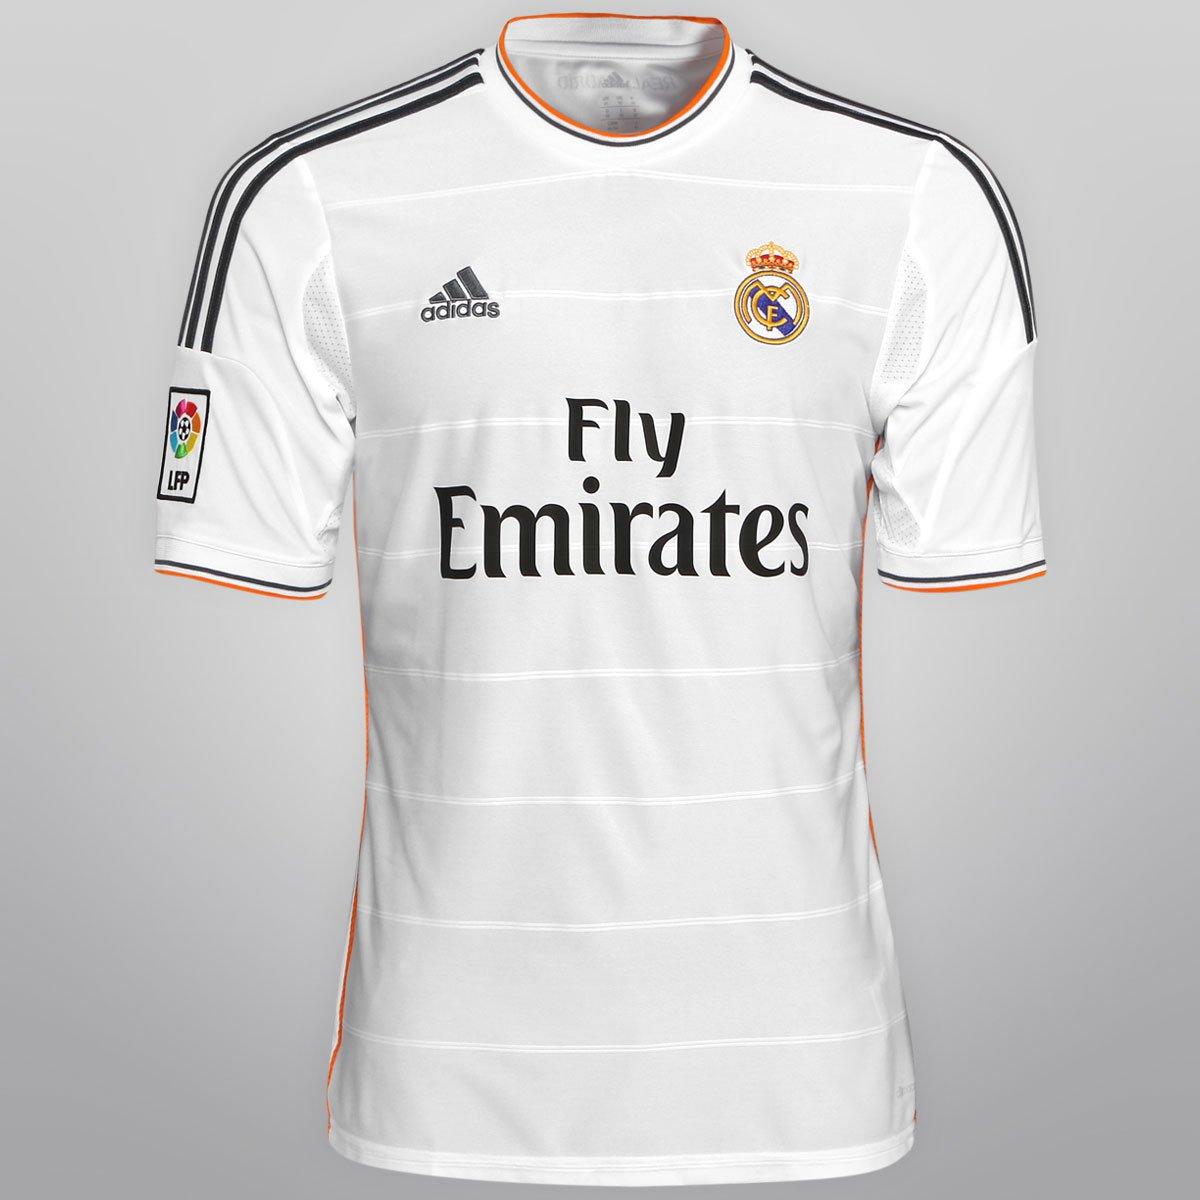 Camisa Adidas Real Madrid Home 13 14 s nº - Compre Agora  86e69012ac30b